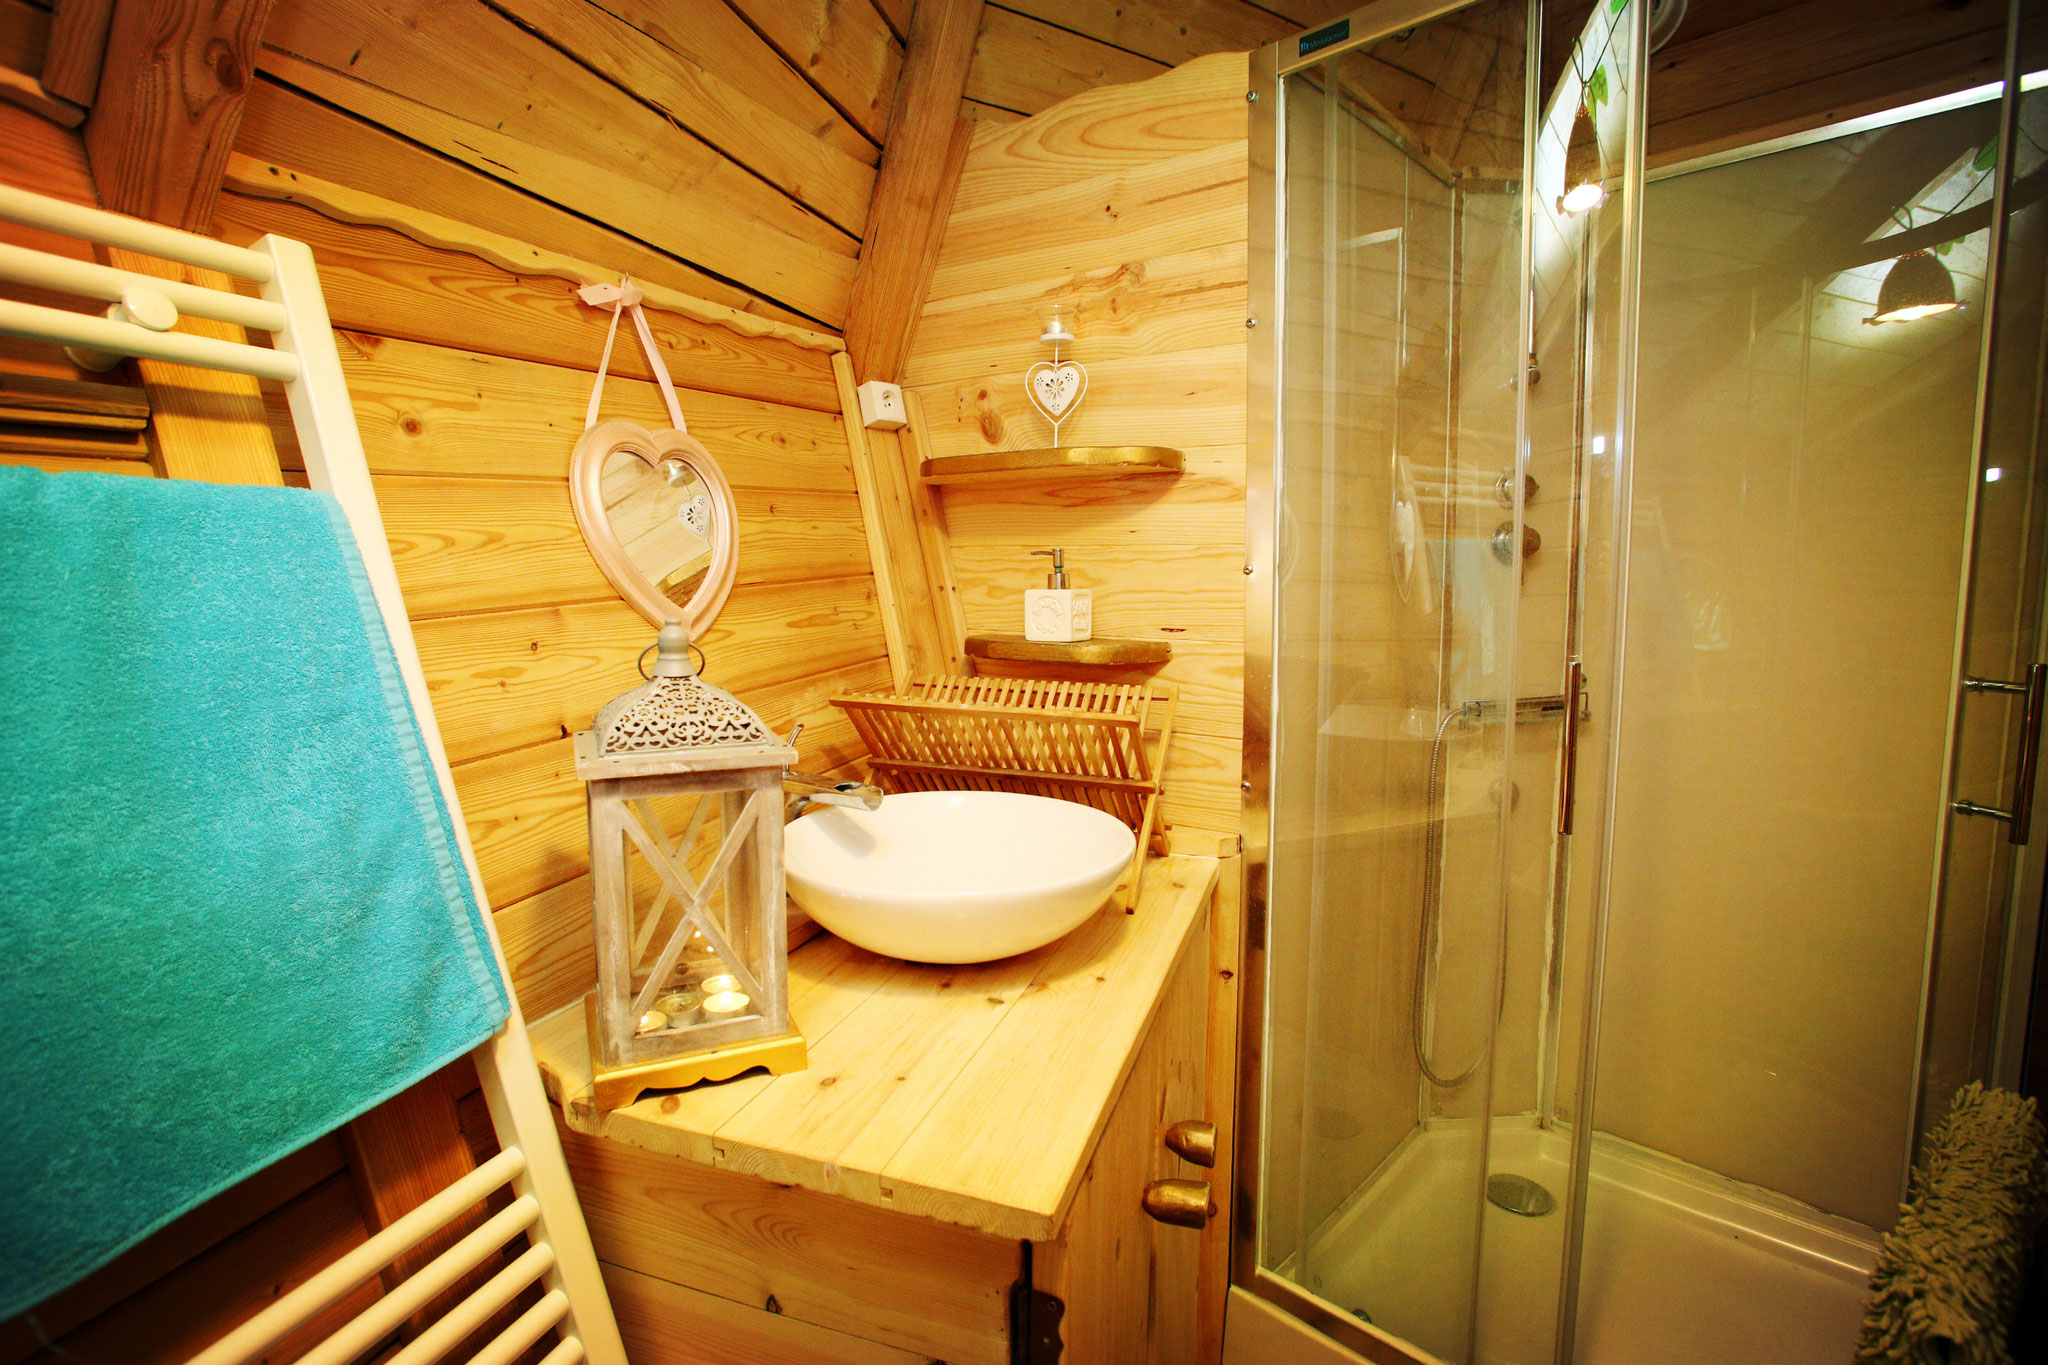 Réserver un séjour insolite dans une cabane romantique pour 4 personnes avec la douche